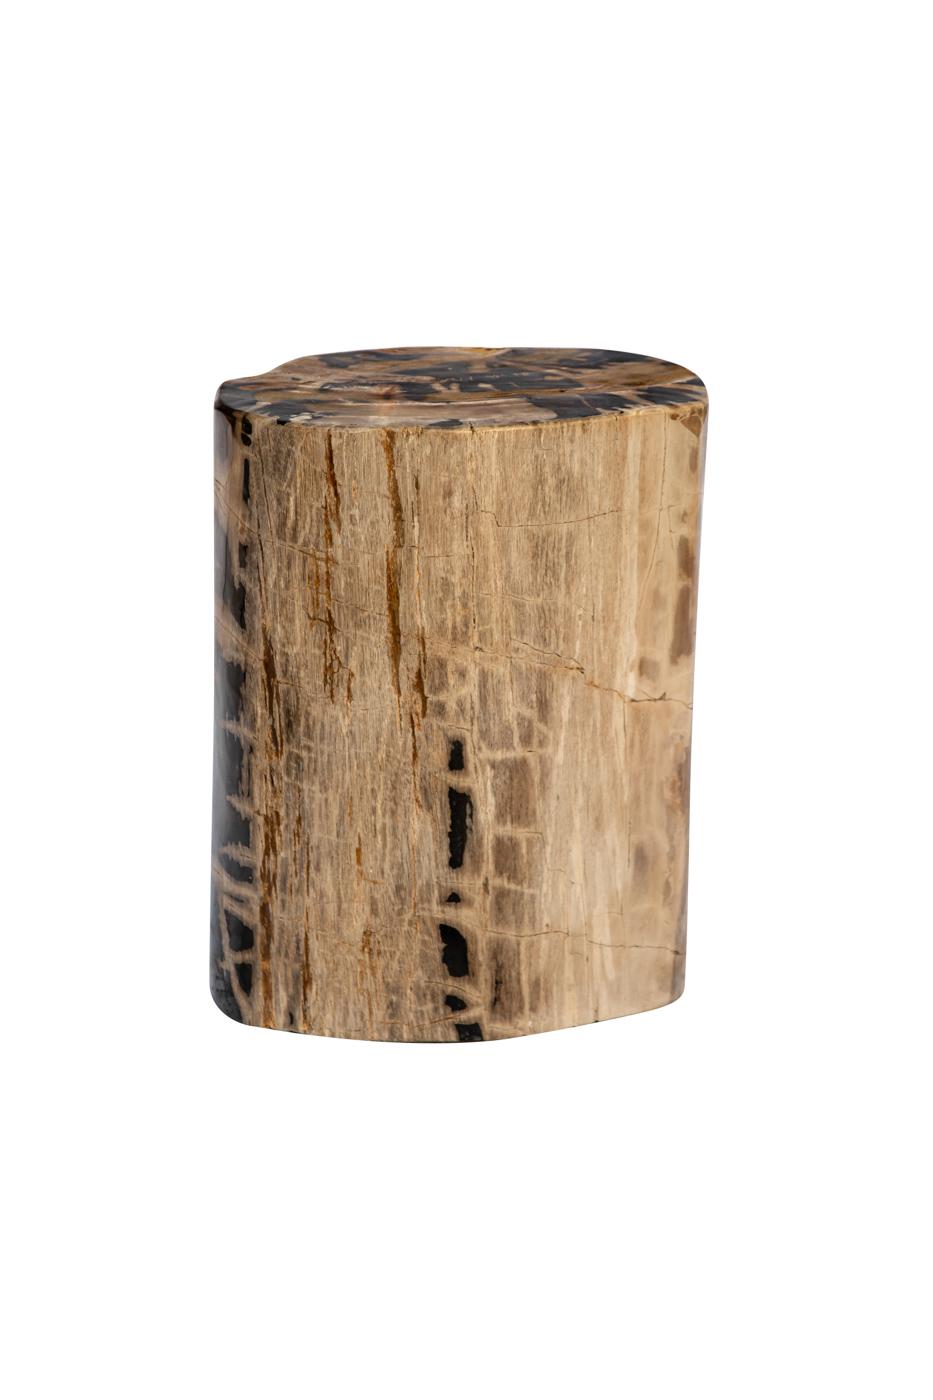 Tronco de madera fosilizado betas negras